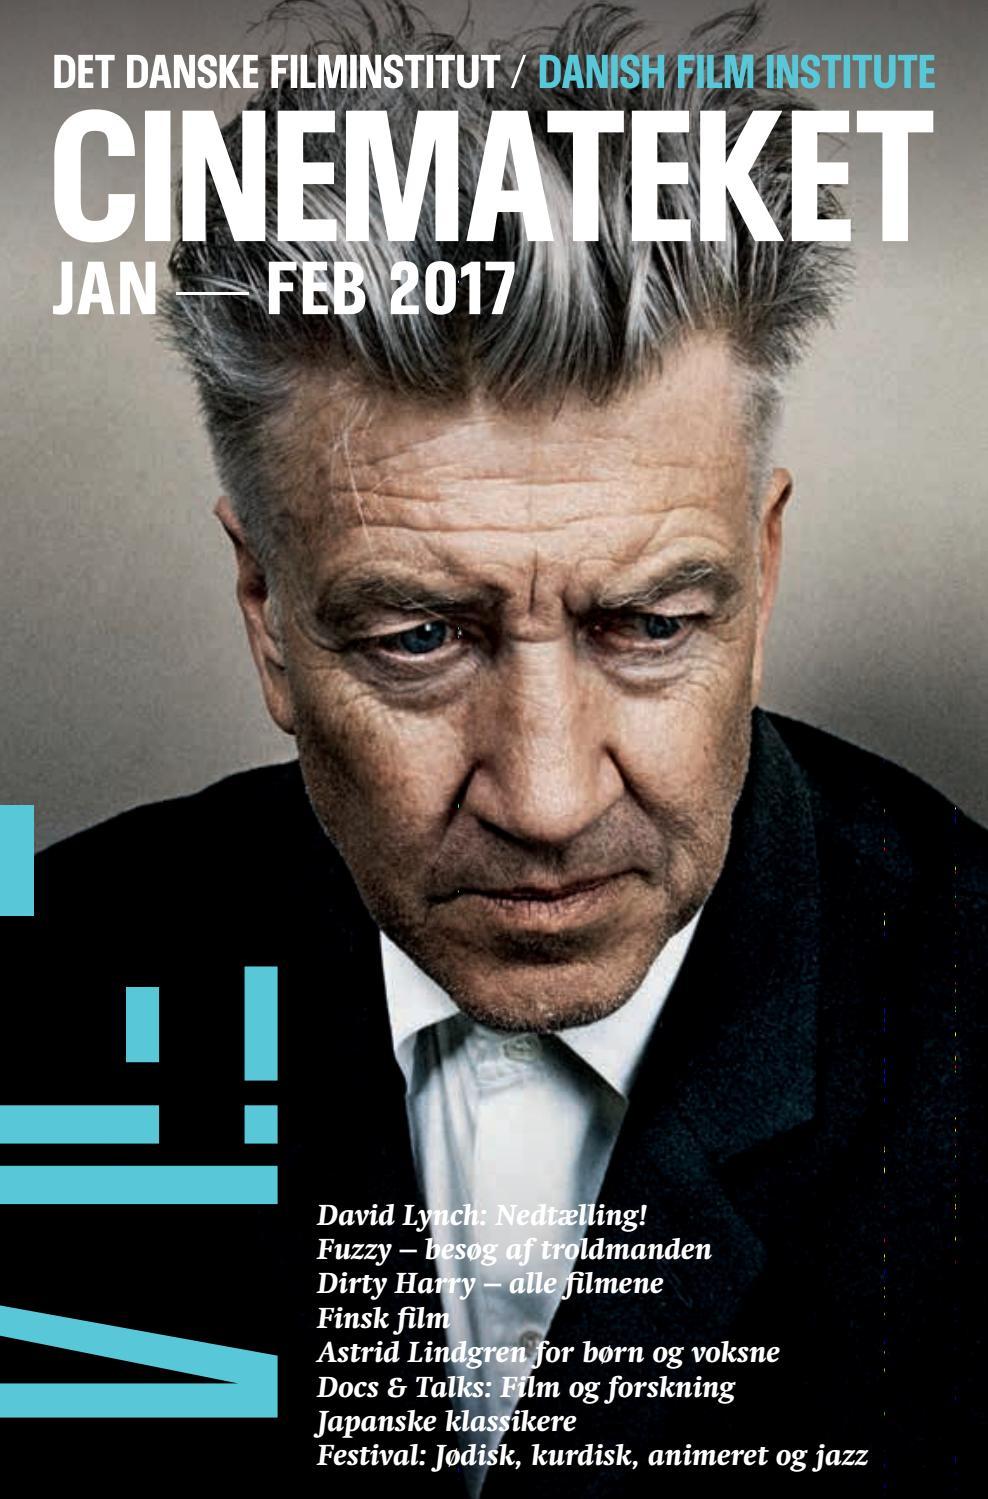 Cinemateksprogram januar/februar 2015 by det danske filminstitut ...